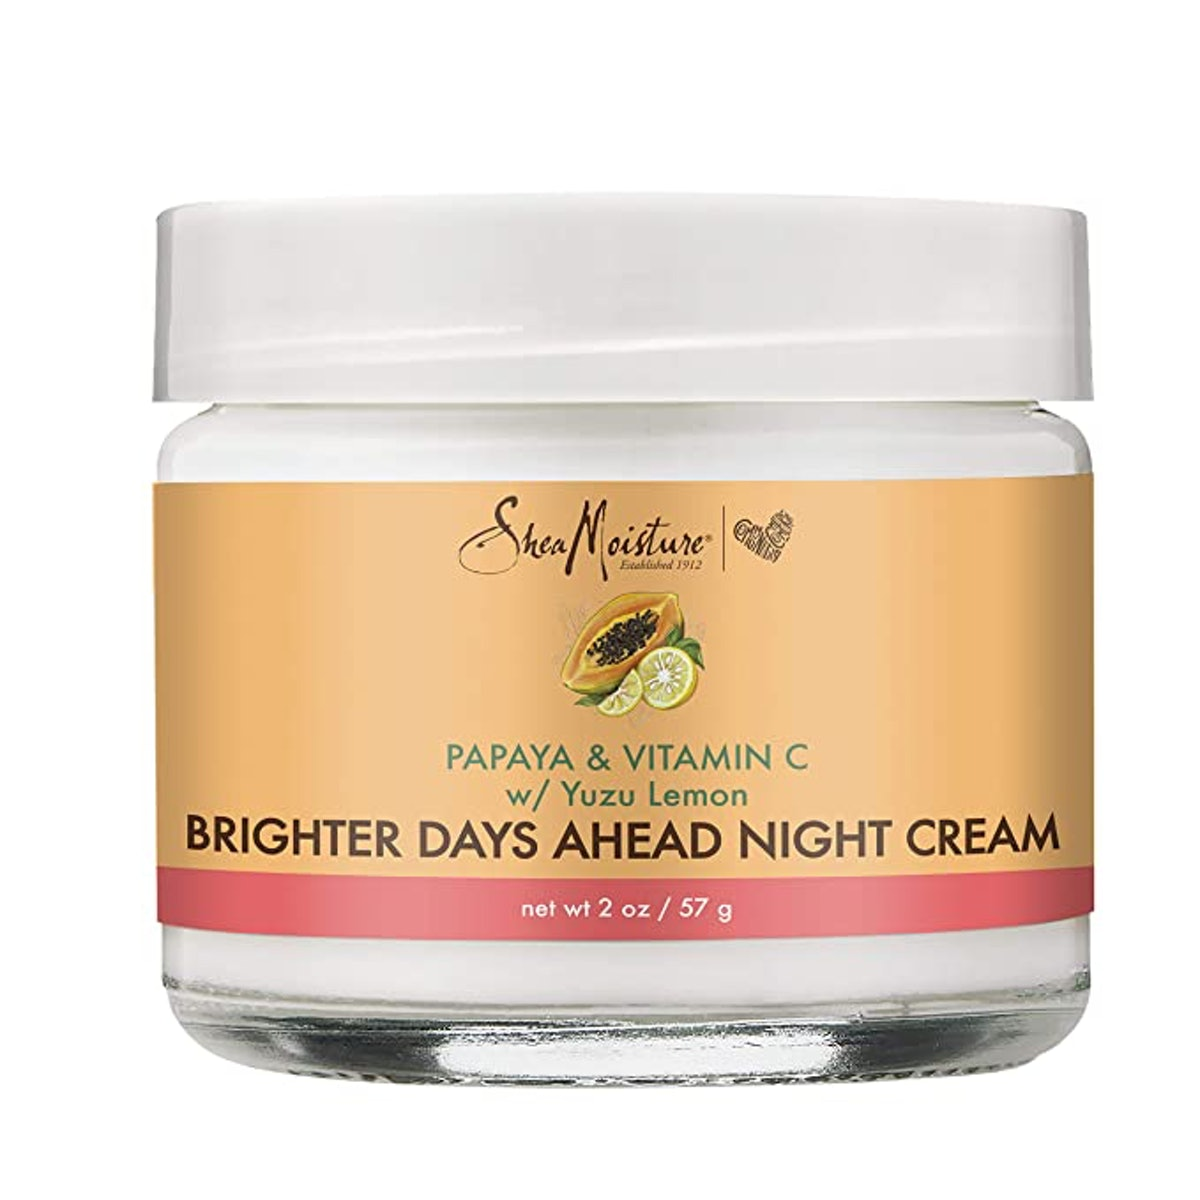 Sheamoisture Night Cream